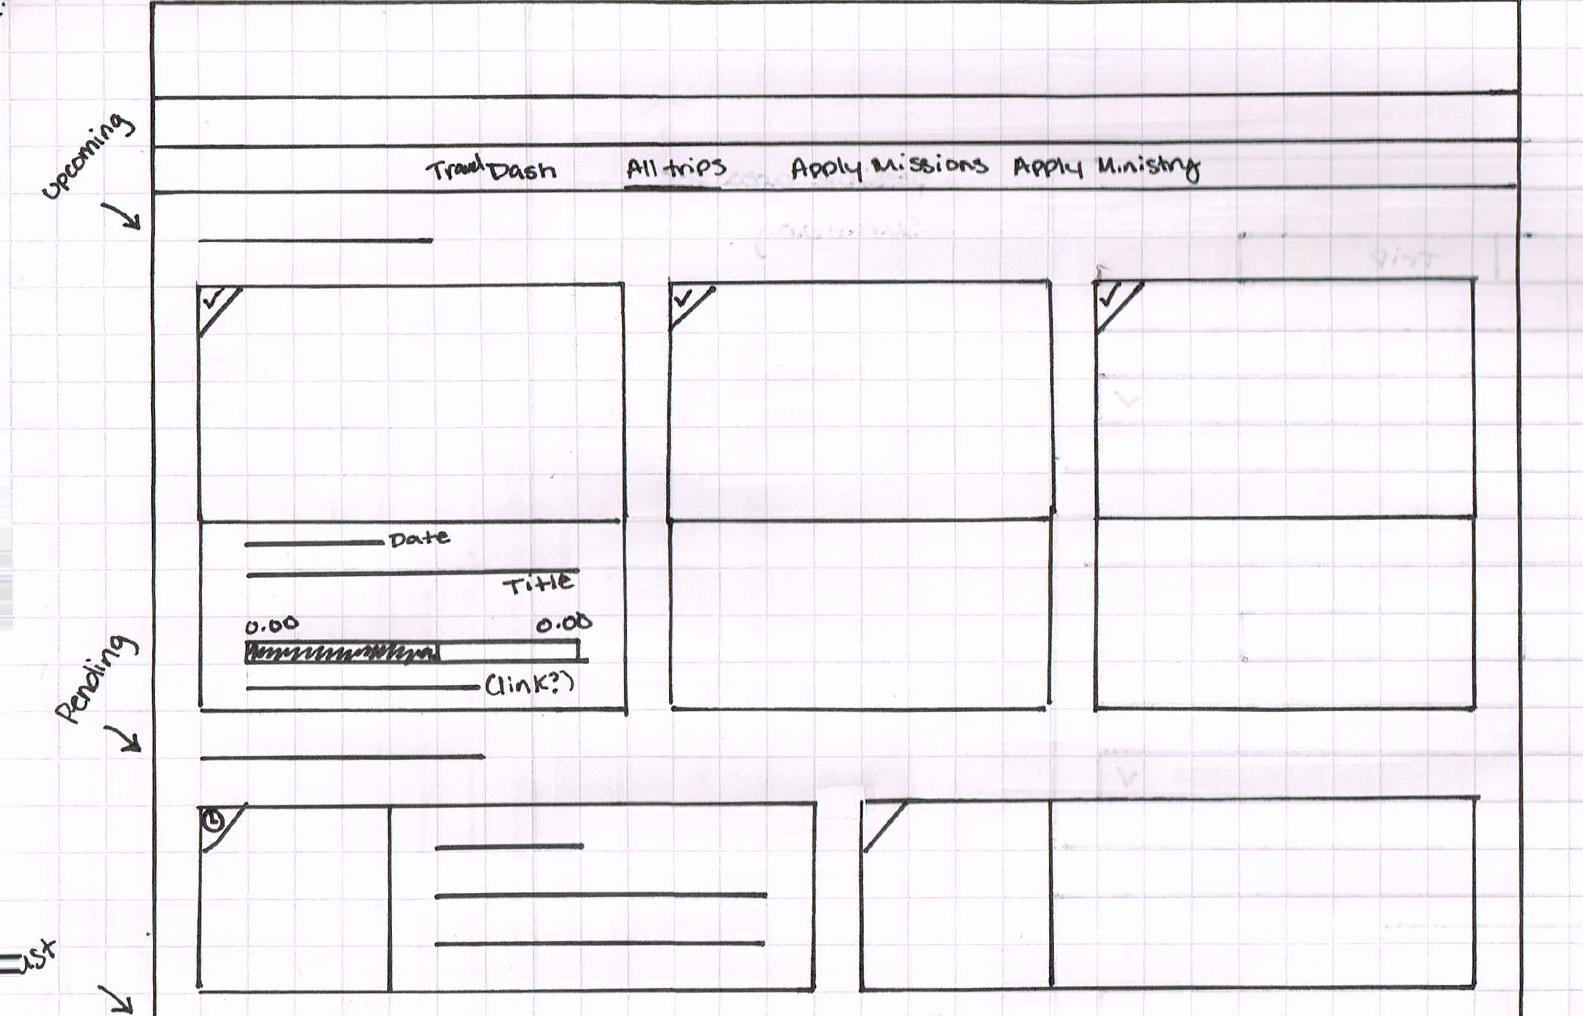 BSSM Desktop Dashboard